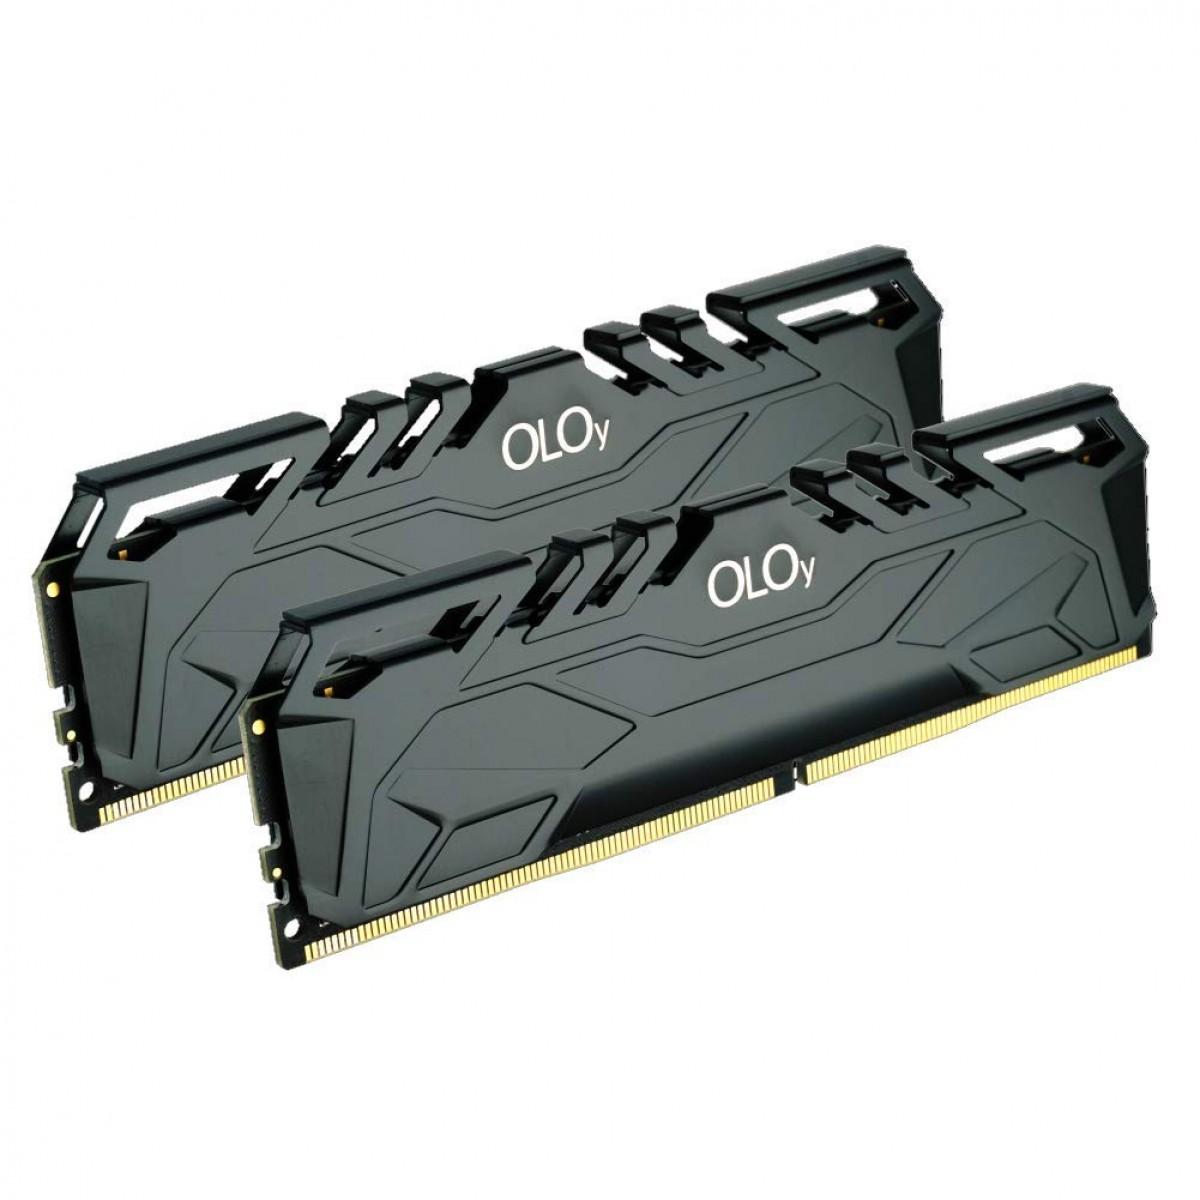 Memória DDR4 OLOy Owl Black, 16GB (2x8GB), 3000MHZ, MD4U083016BGDA